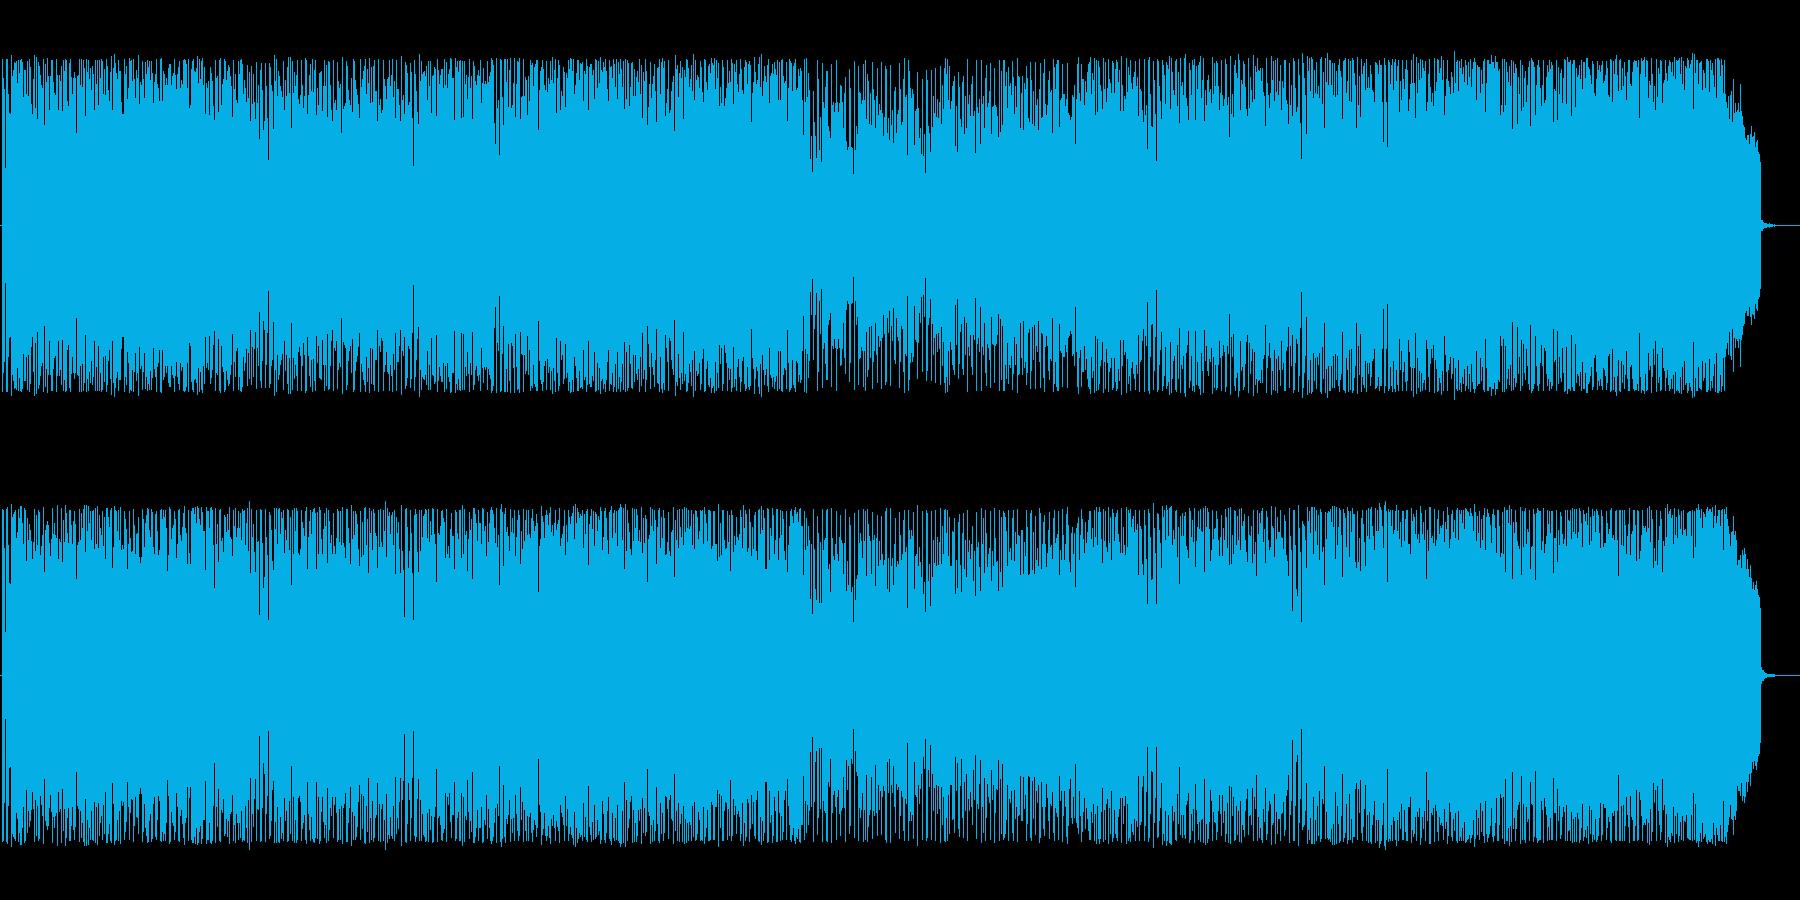 エキサイティングな雰囲気のテクノBGMの再生済みの波形